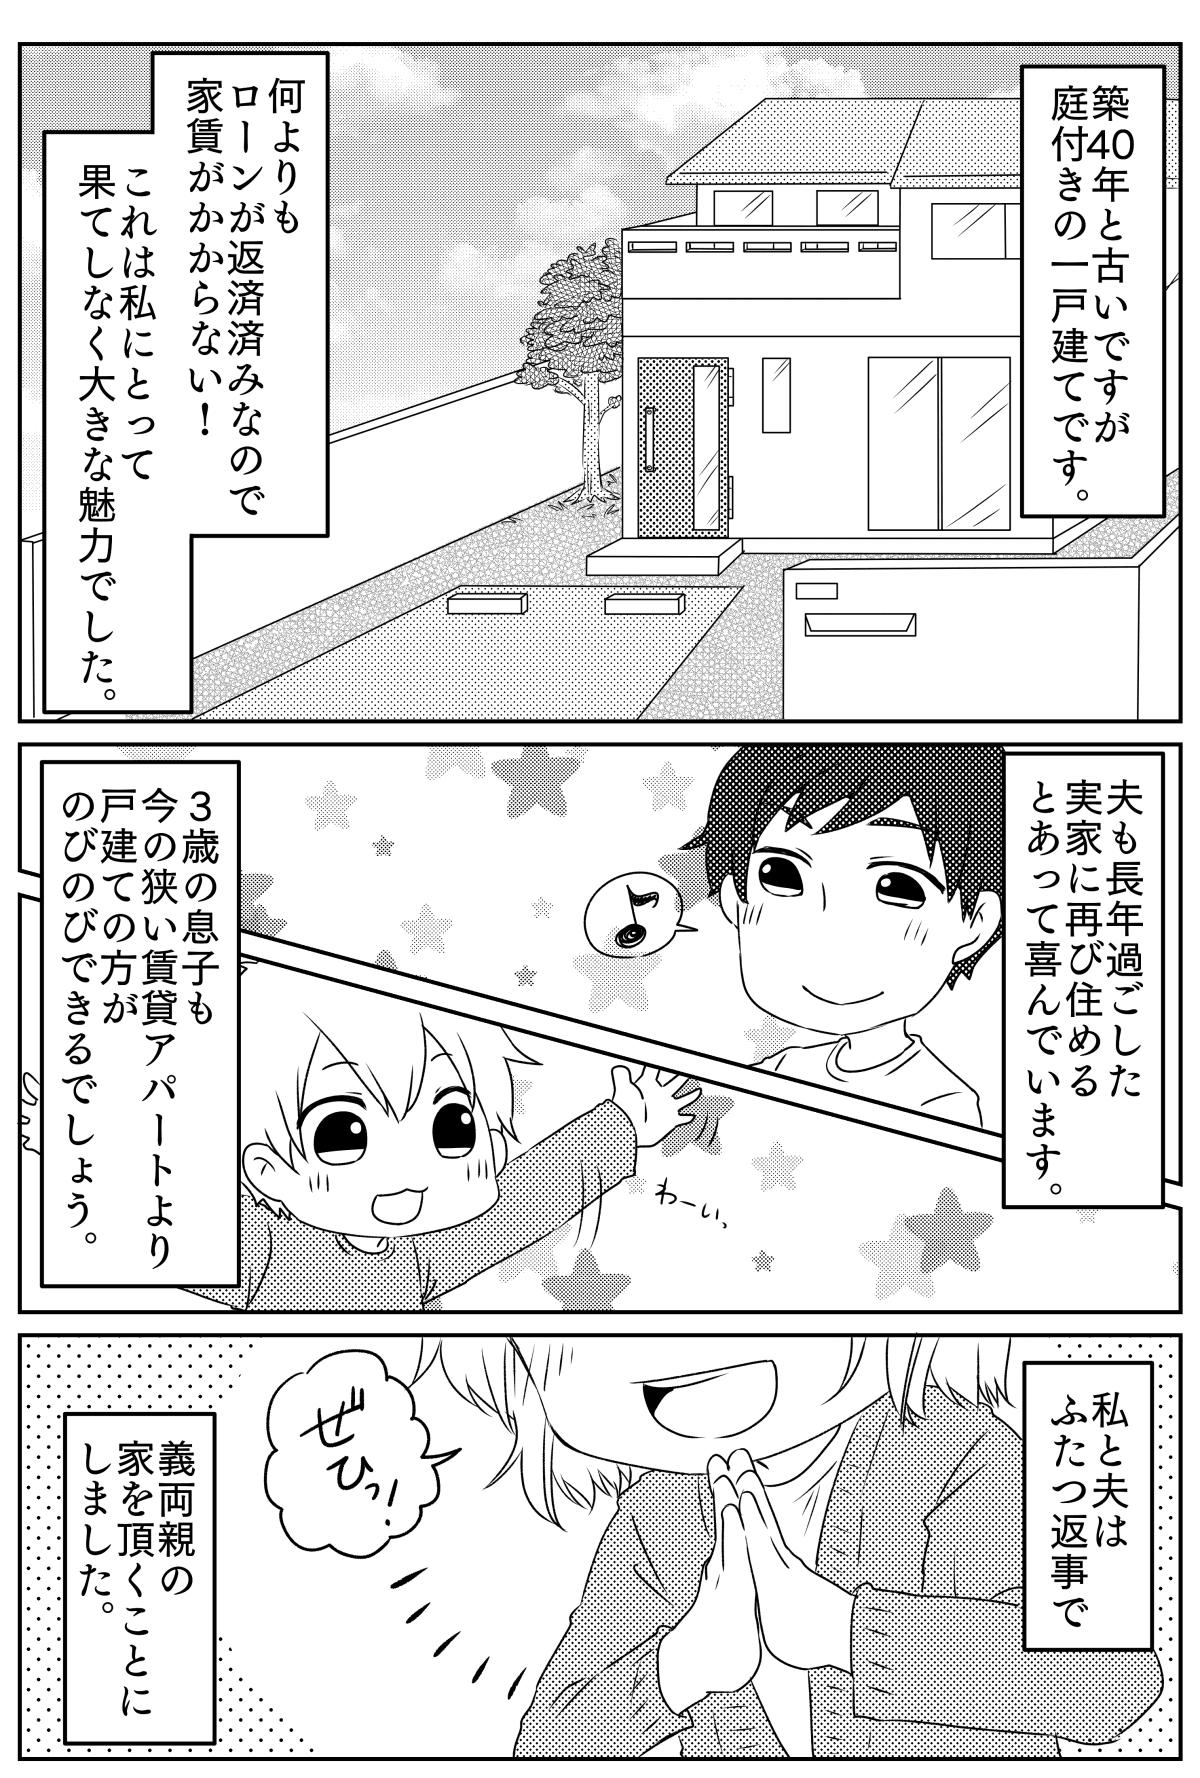 【前編】タダより高いものはない?